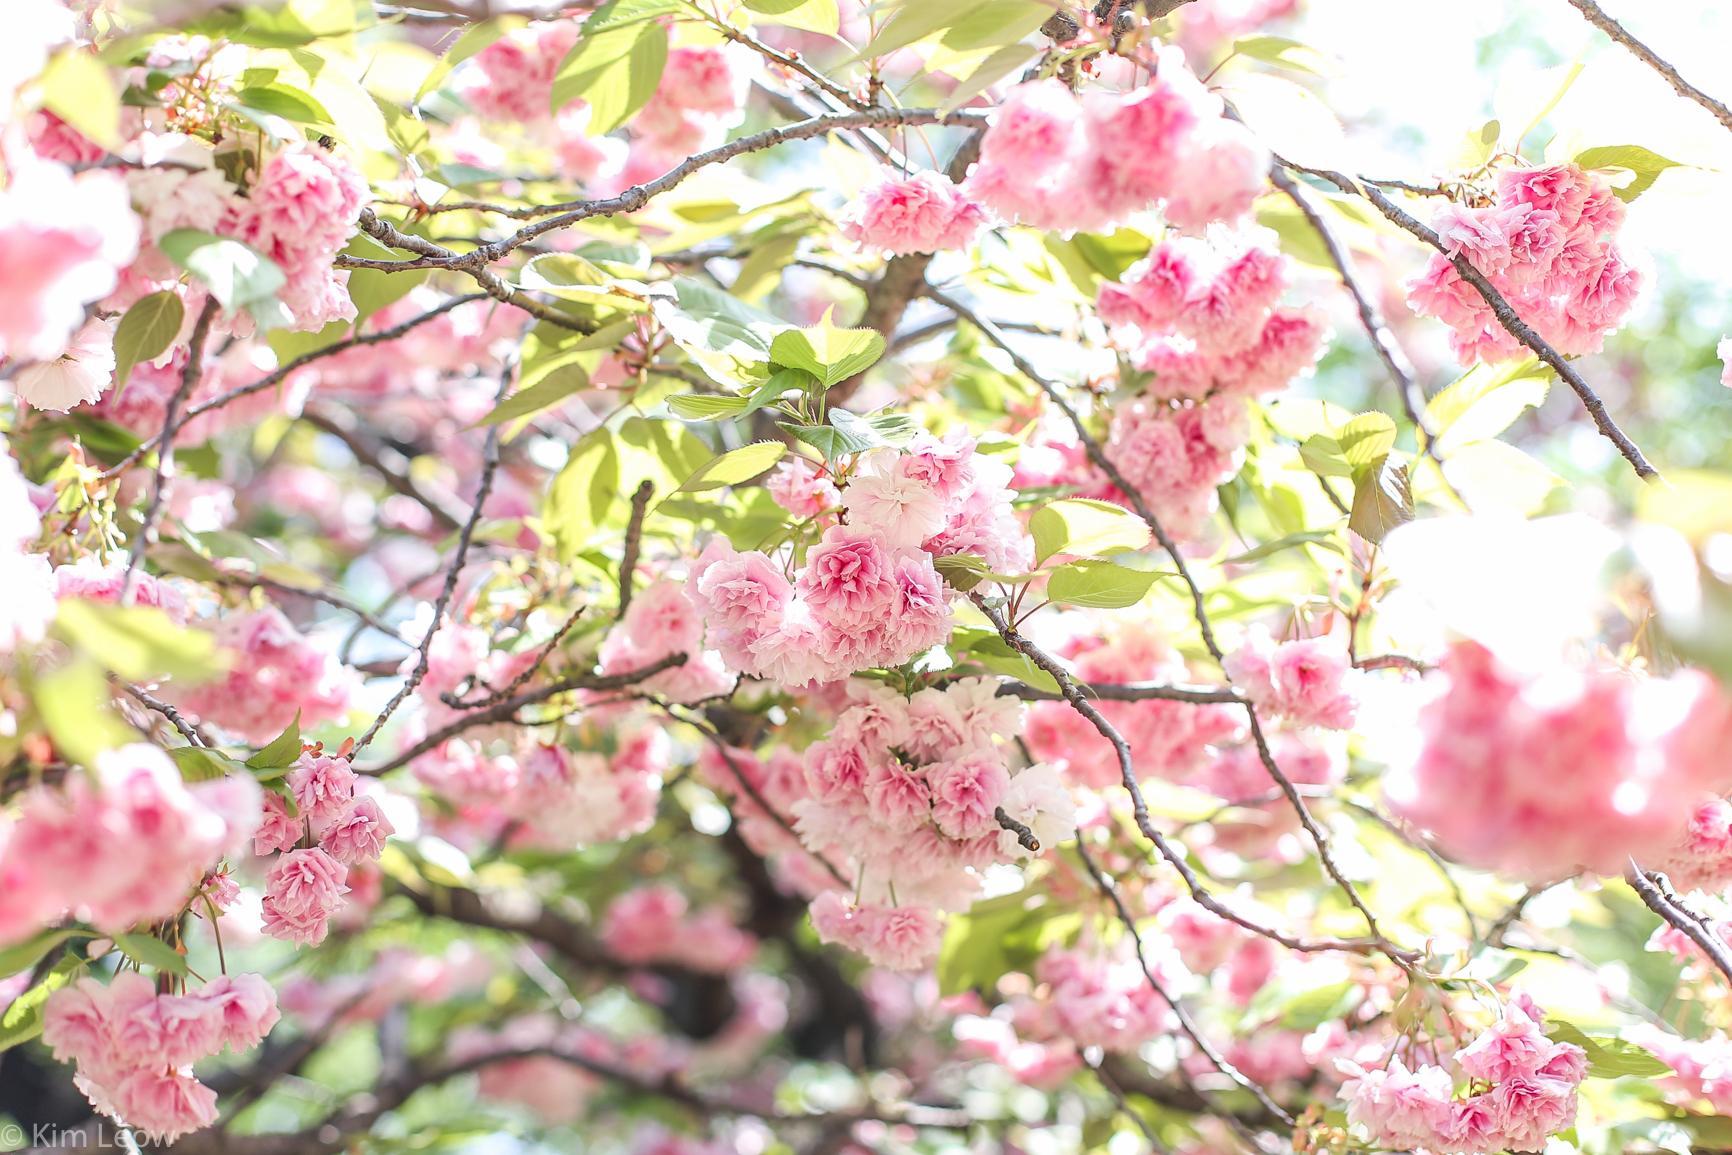 kimleow_cherryblossom_kyoto_travel-1.jpg